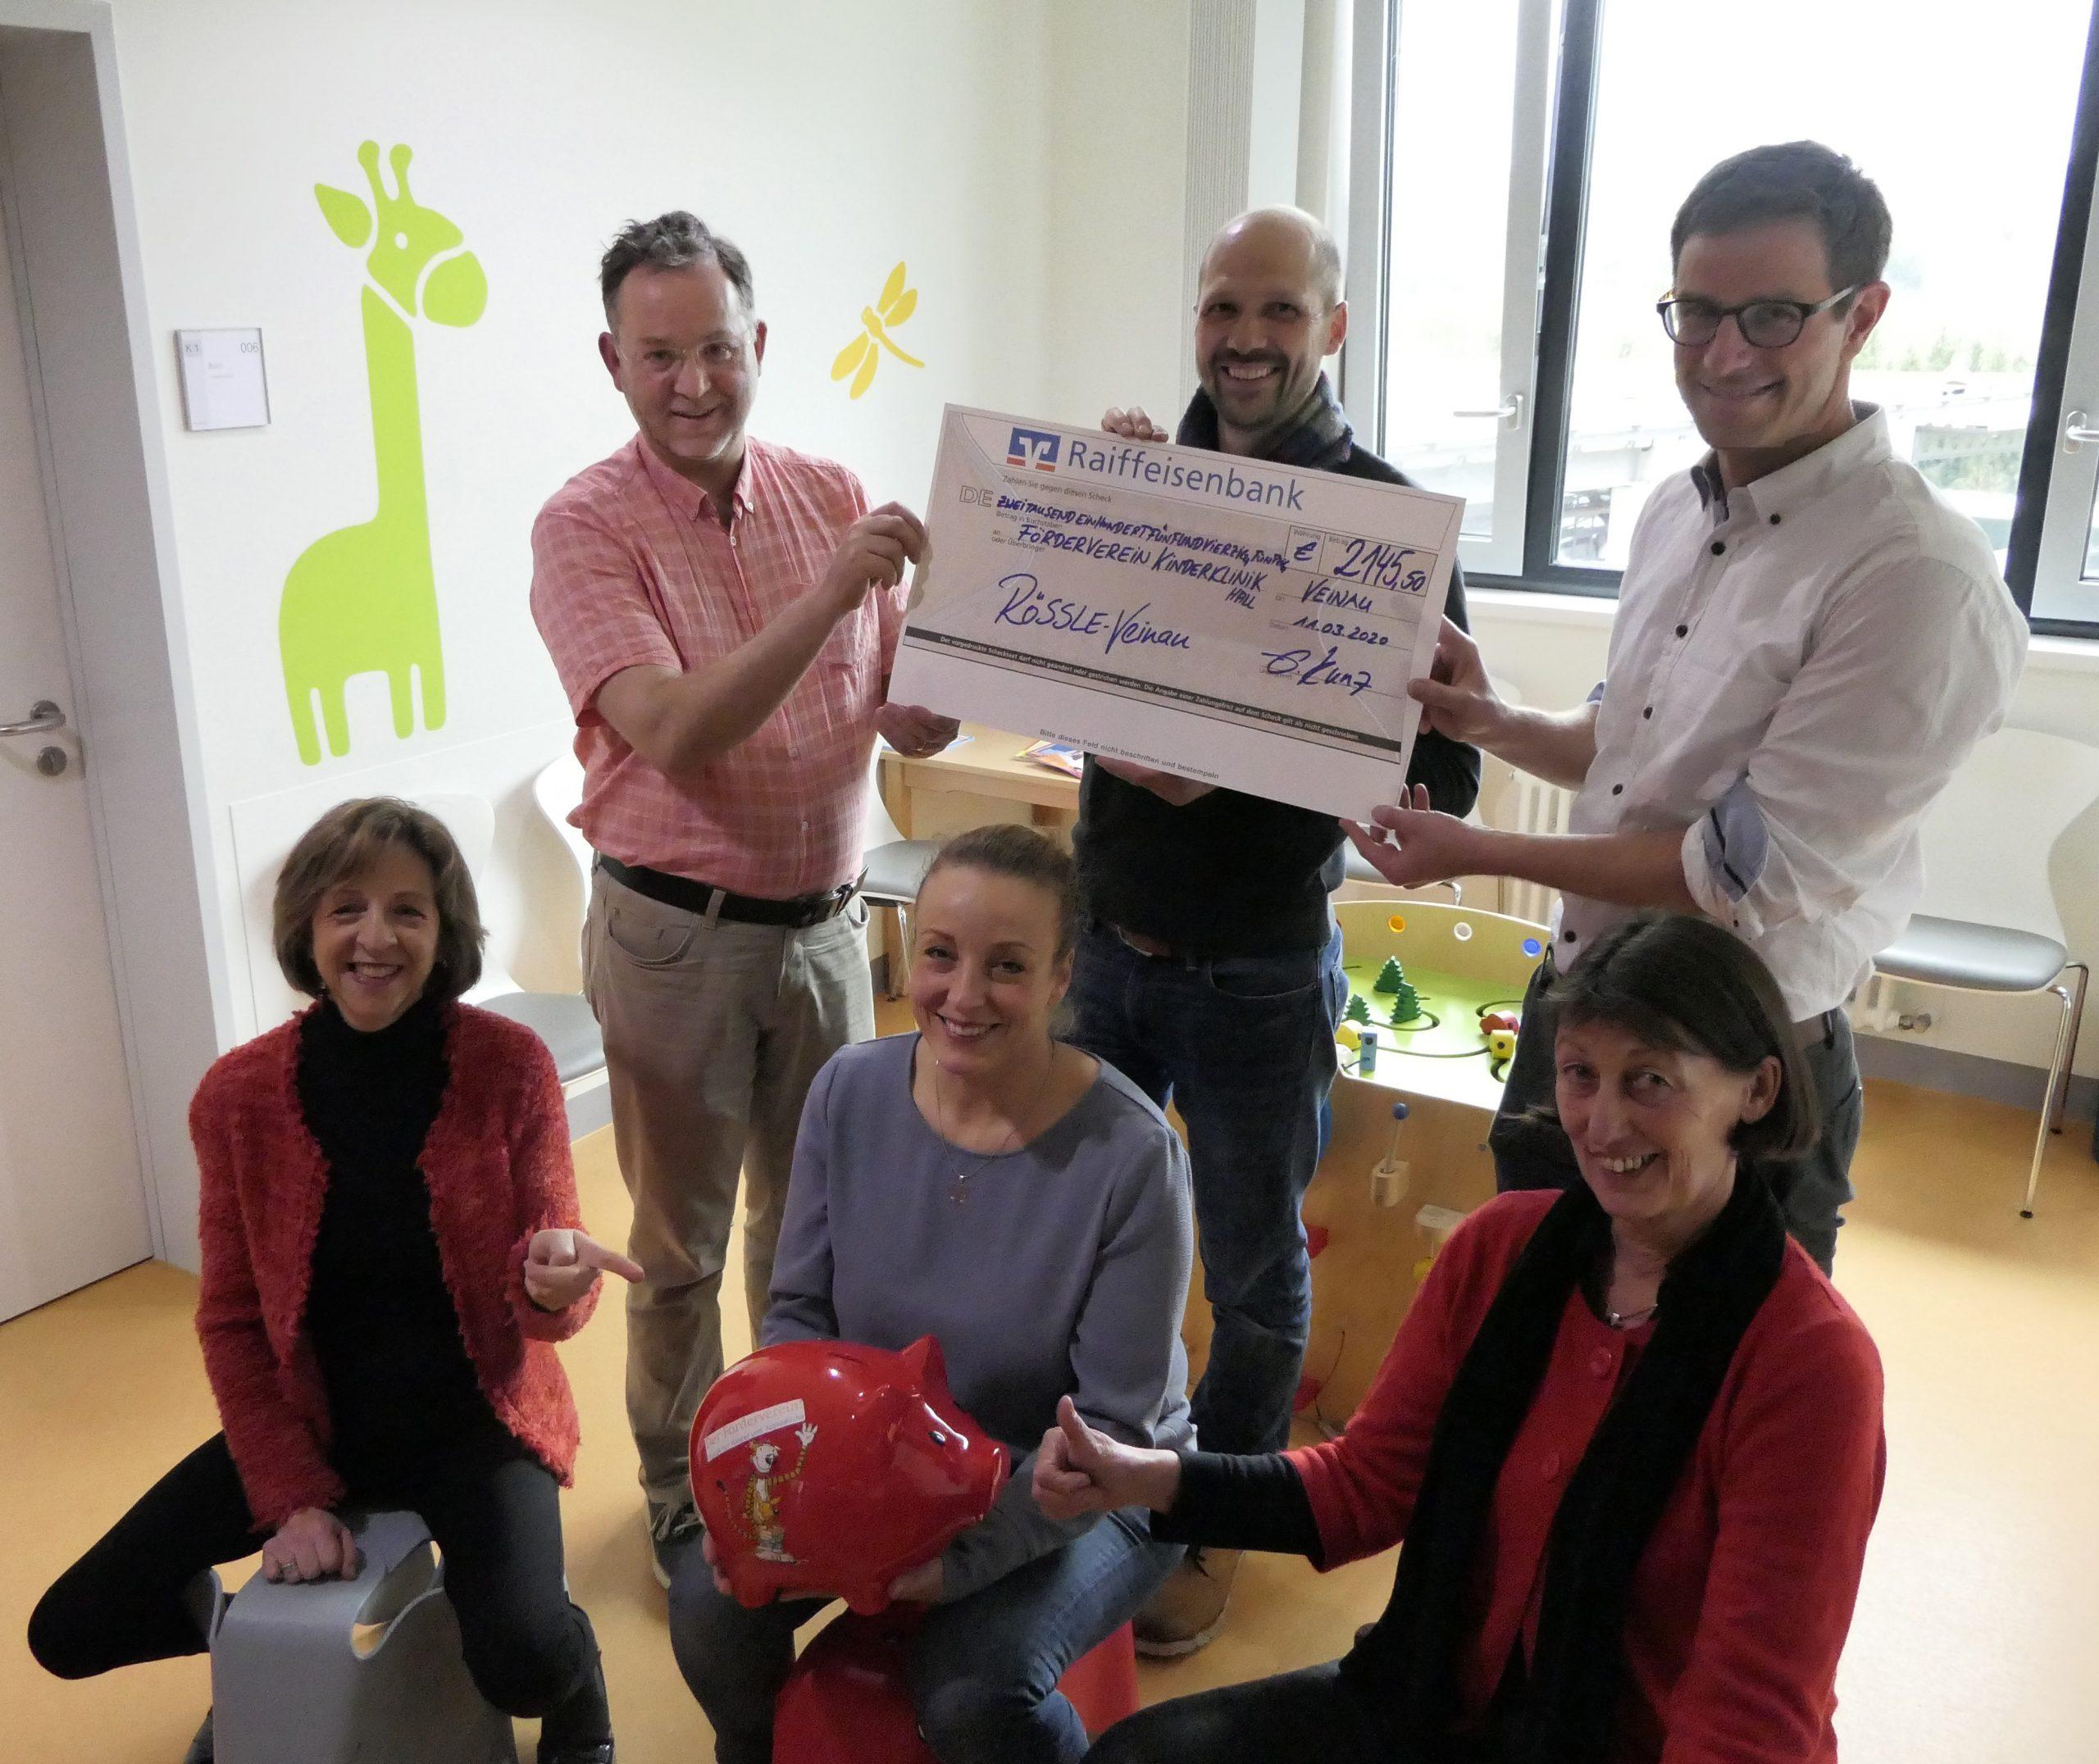 Rössle in Veinau sammelt Spenden zu Gunsten der tiergestützten Therapie am Diak